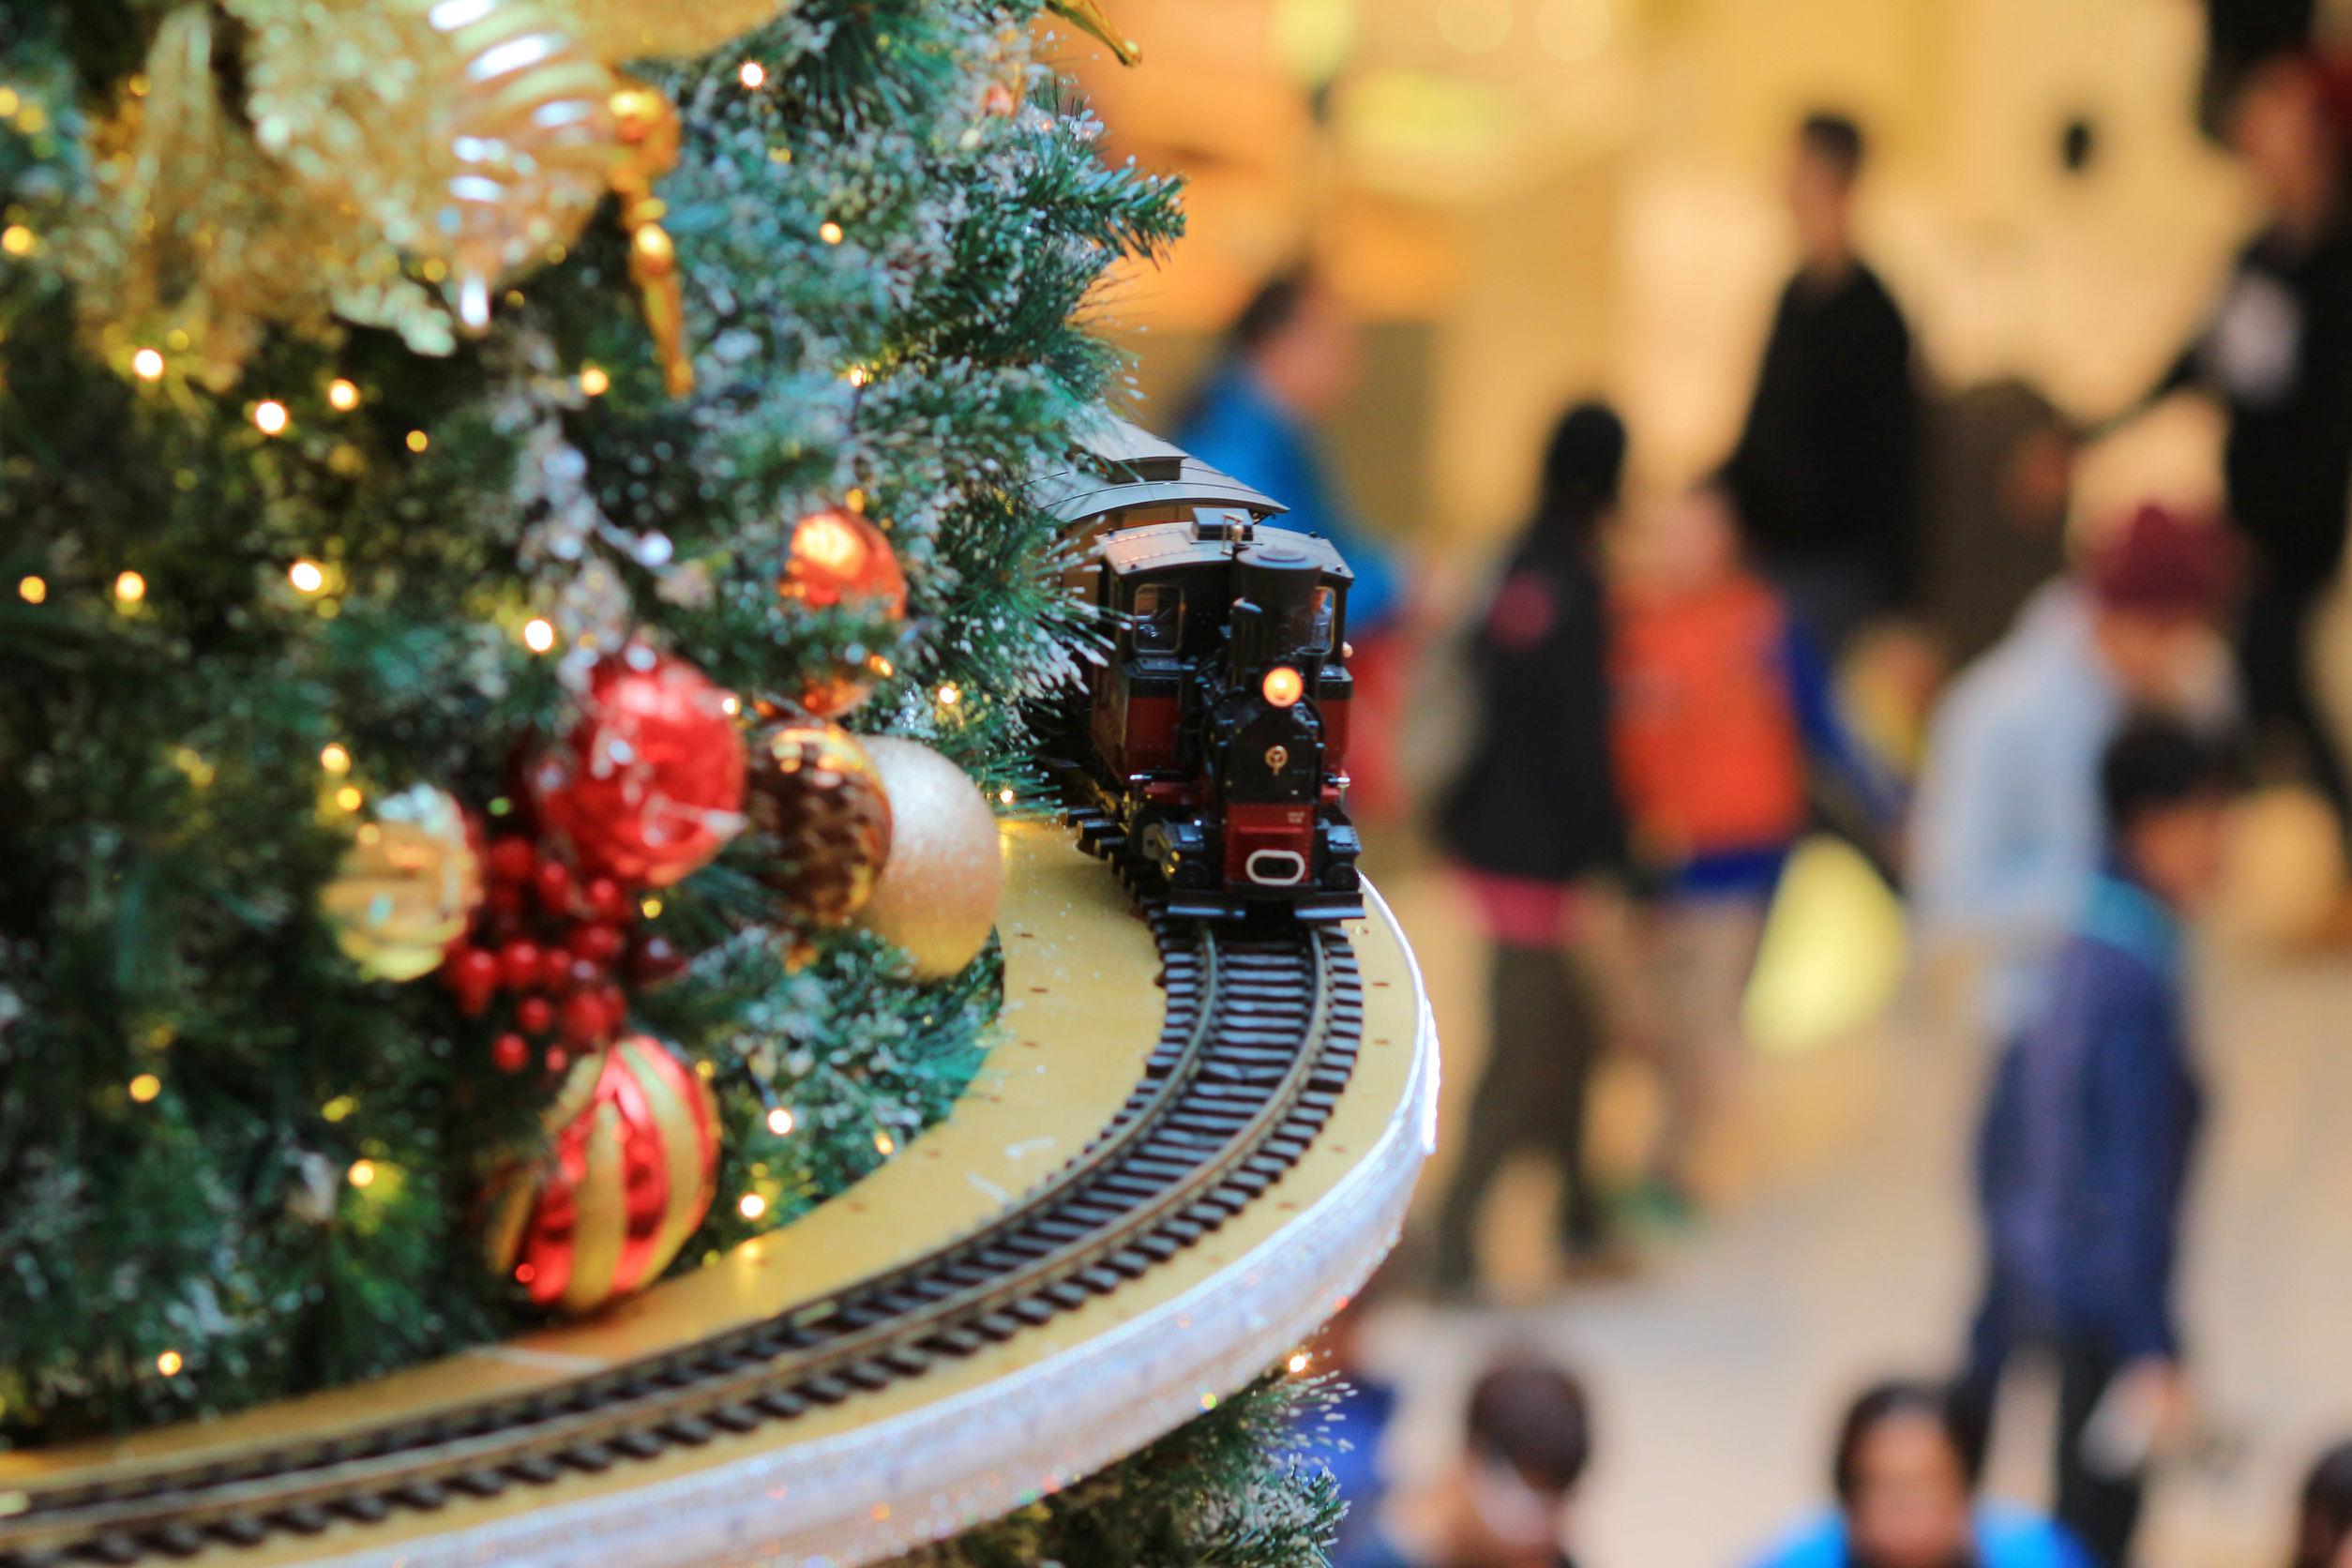 [19 Δεκεμβρίου] Ο Σταθμάρχης των Χριστουγέννων